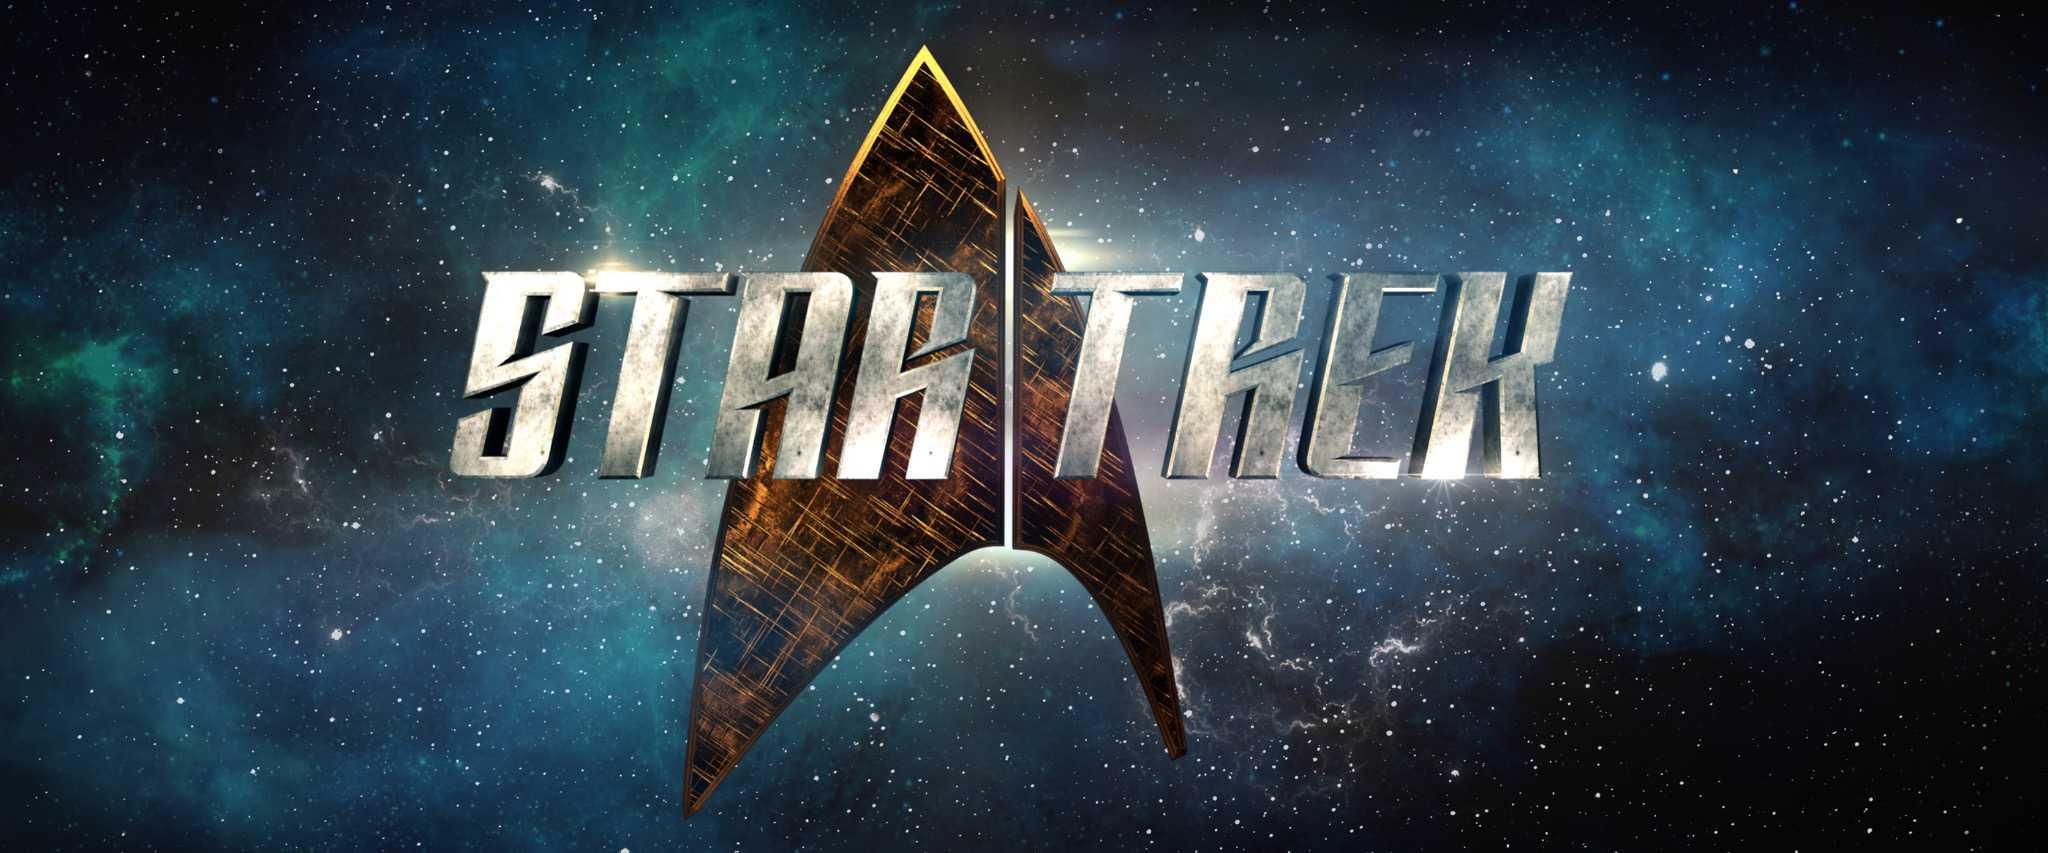 New Star Trek Trailer